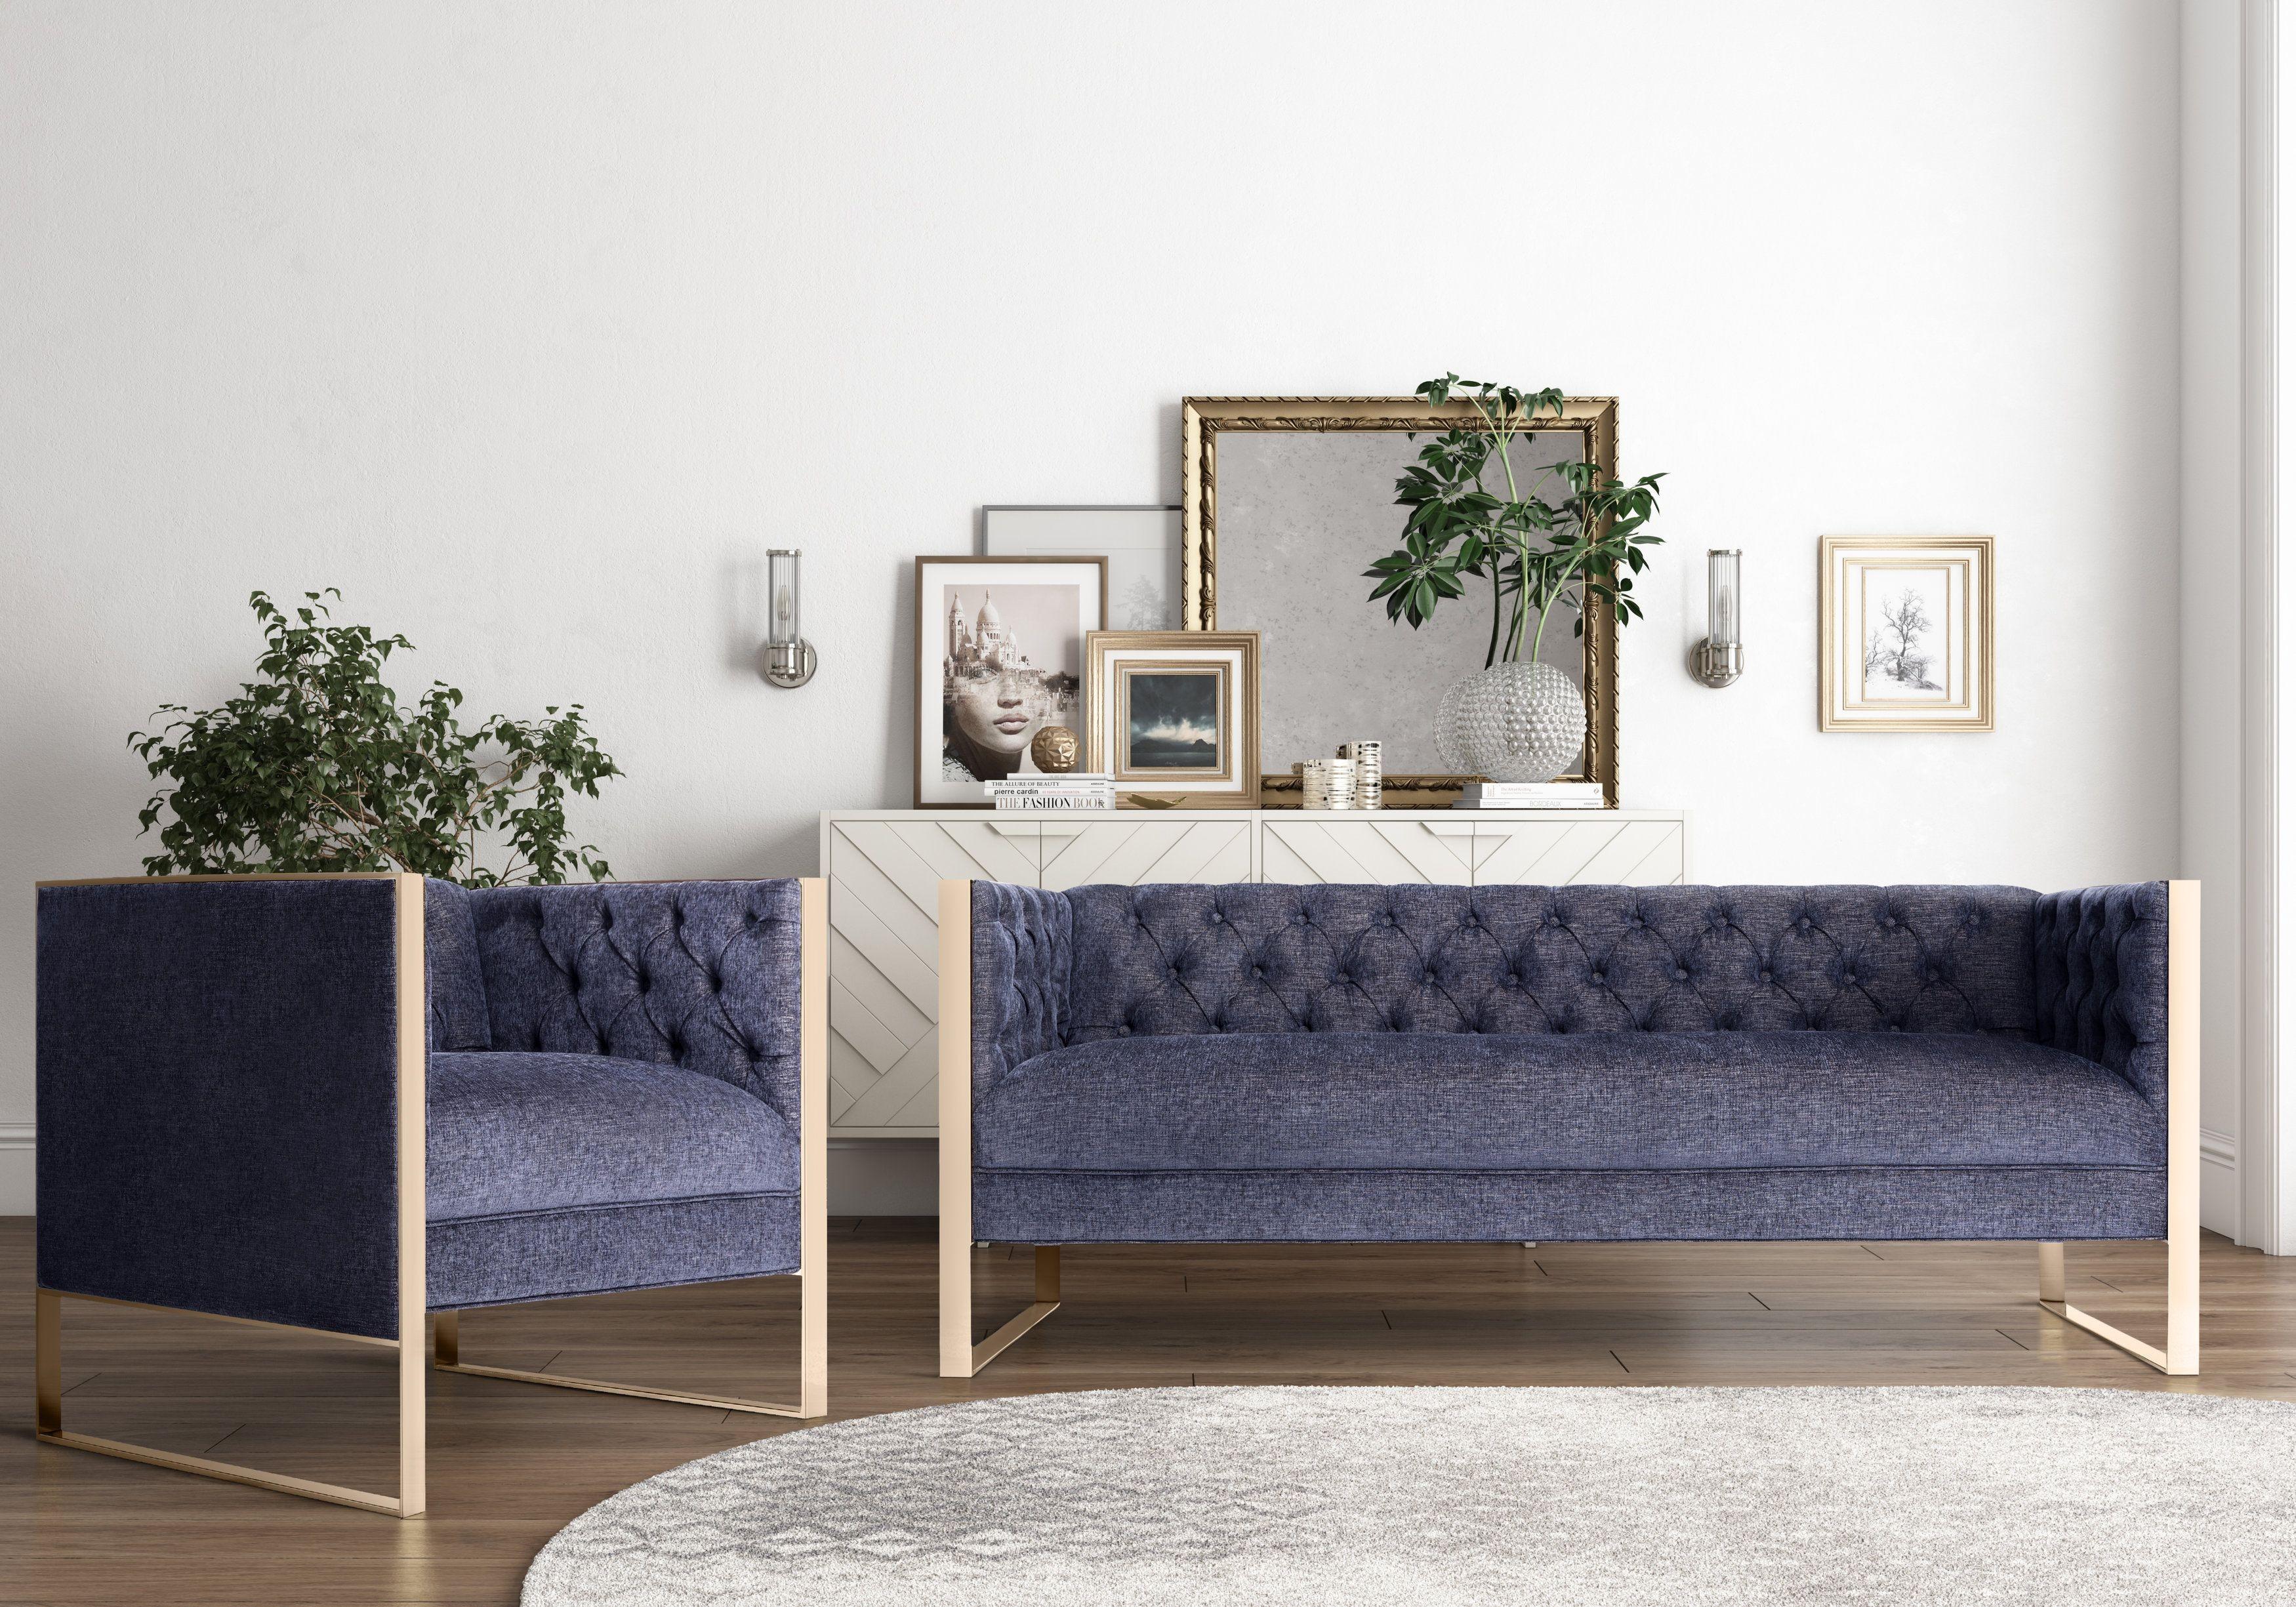 Farah Dark Gray Living Room Set from TOV